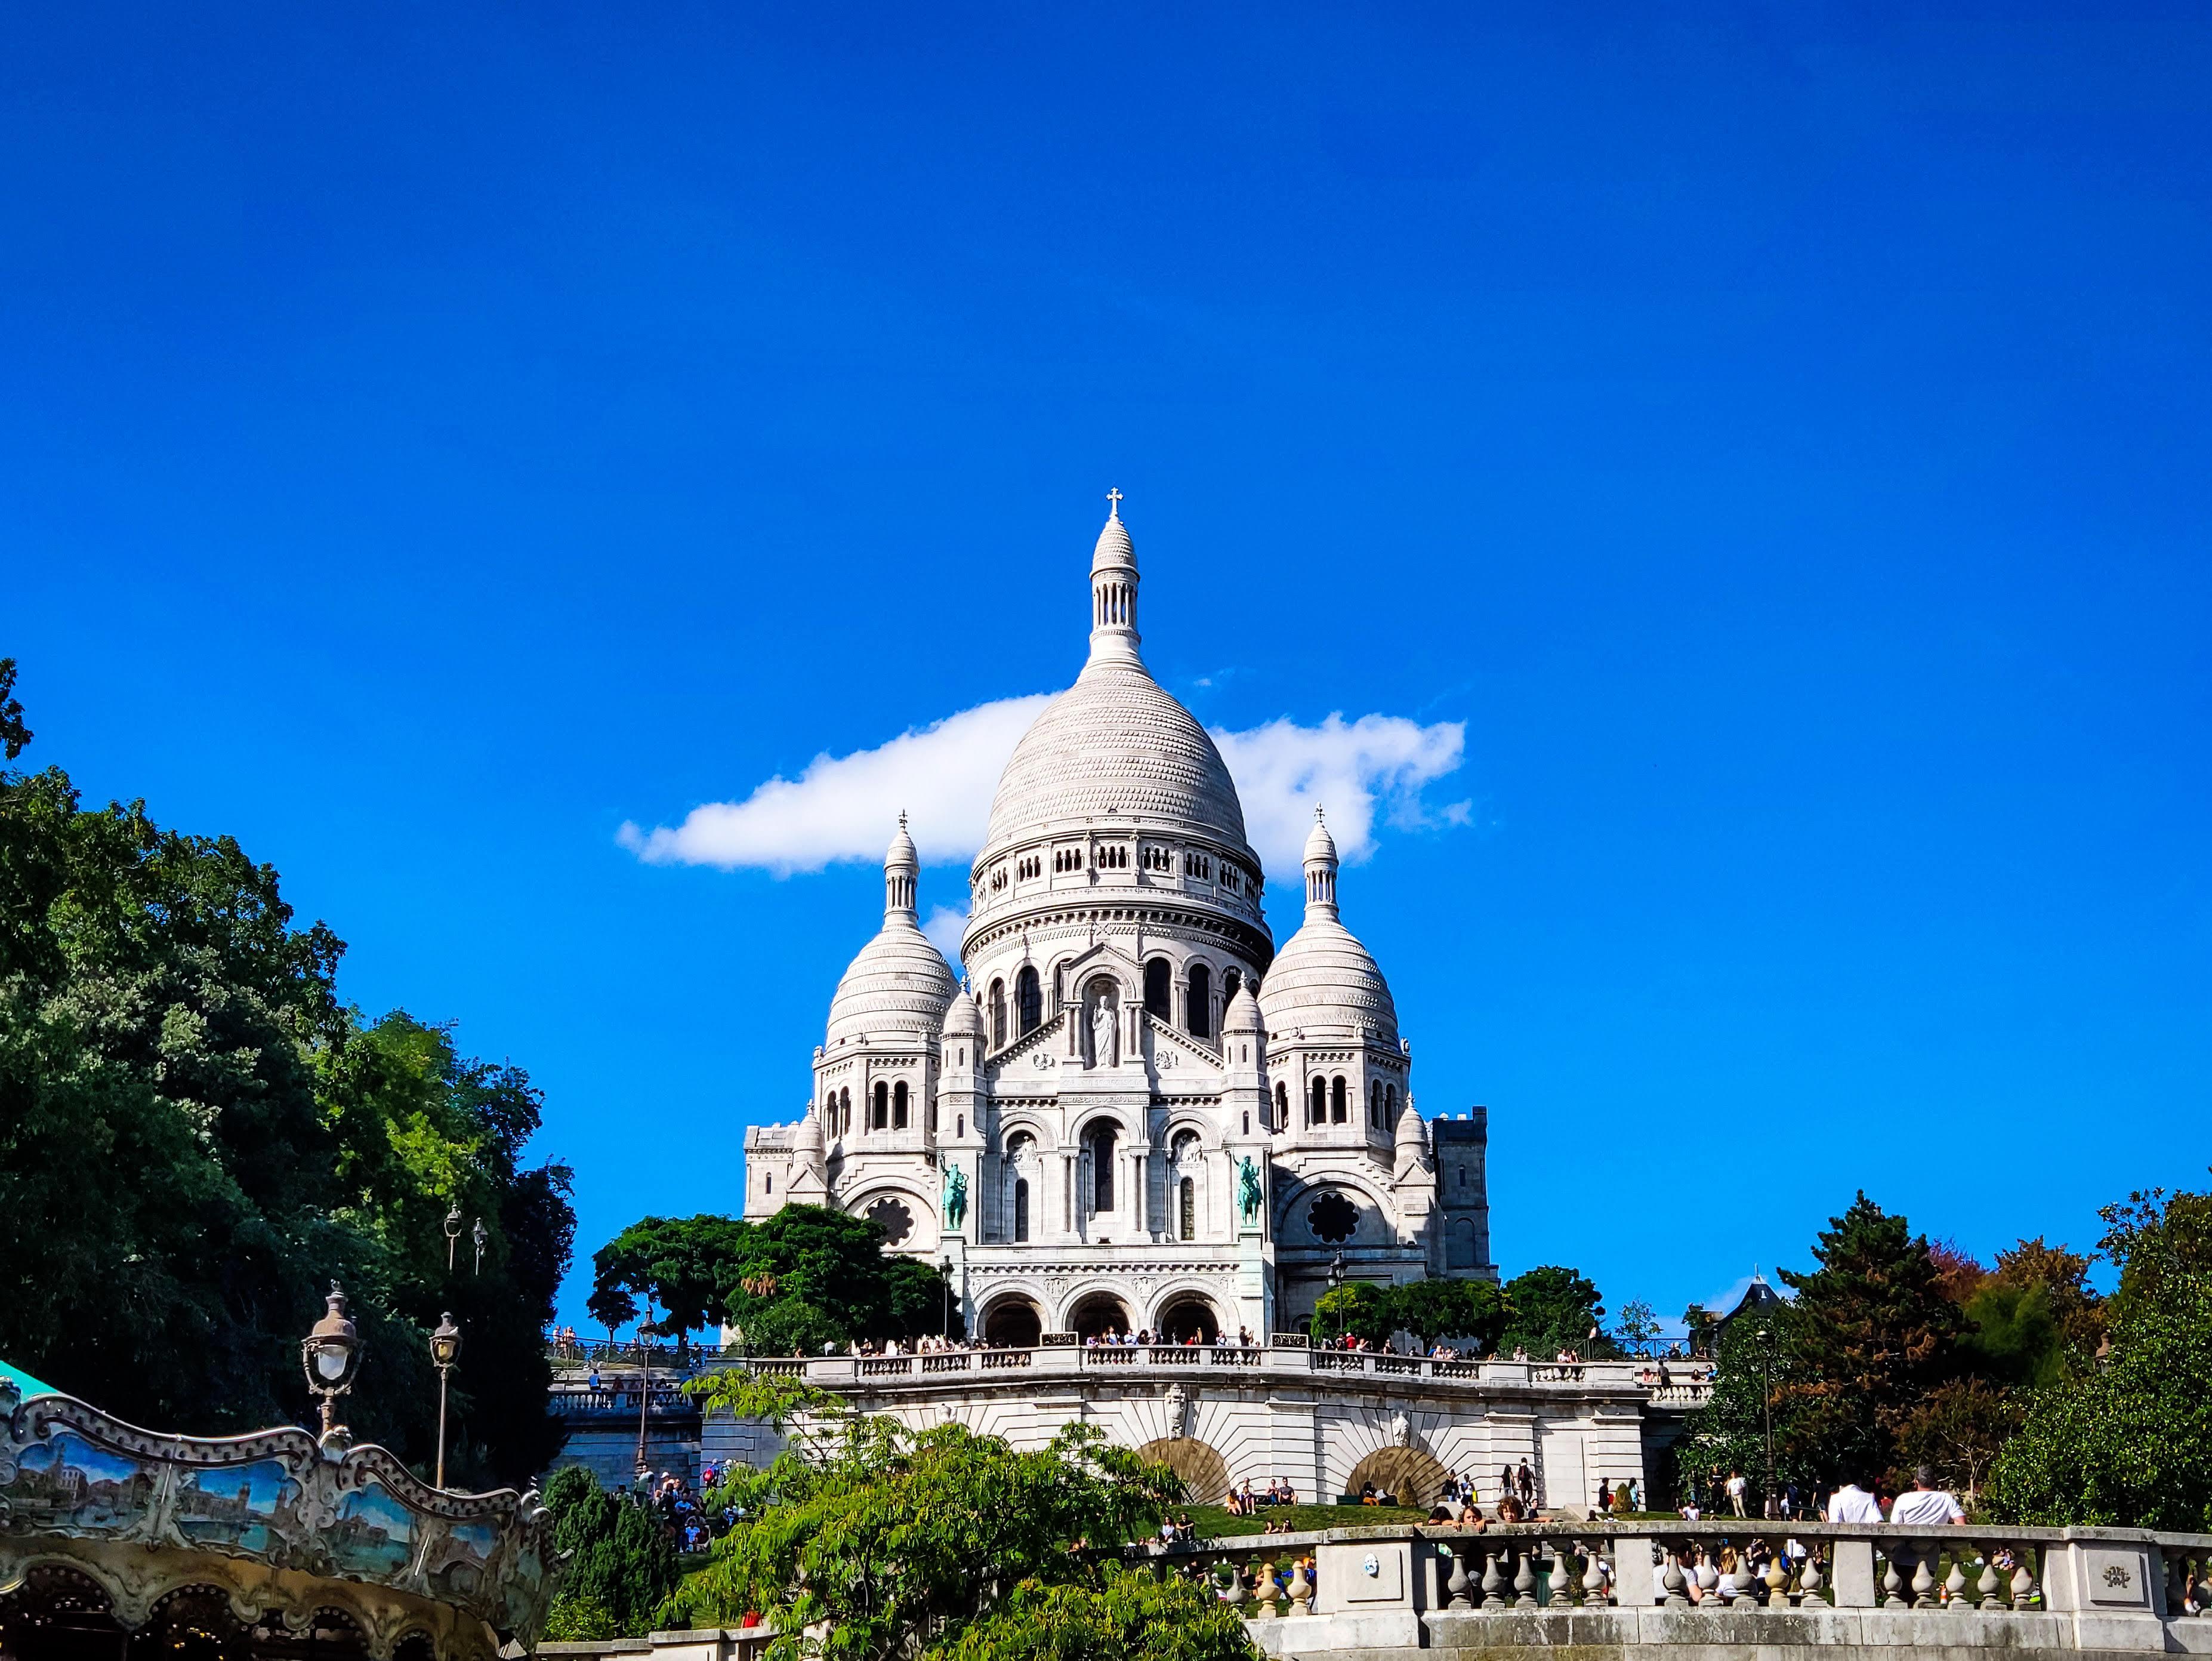 Paris: A movable feast